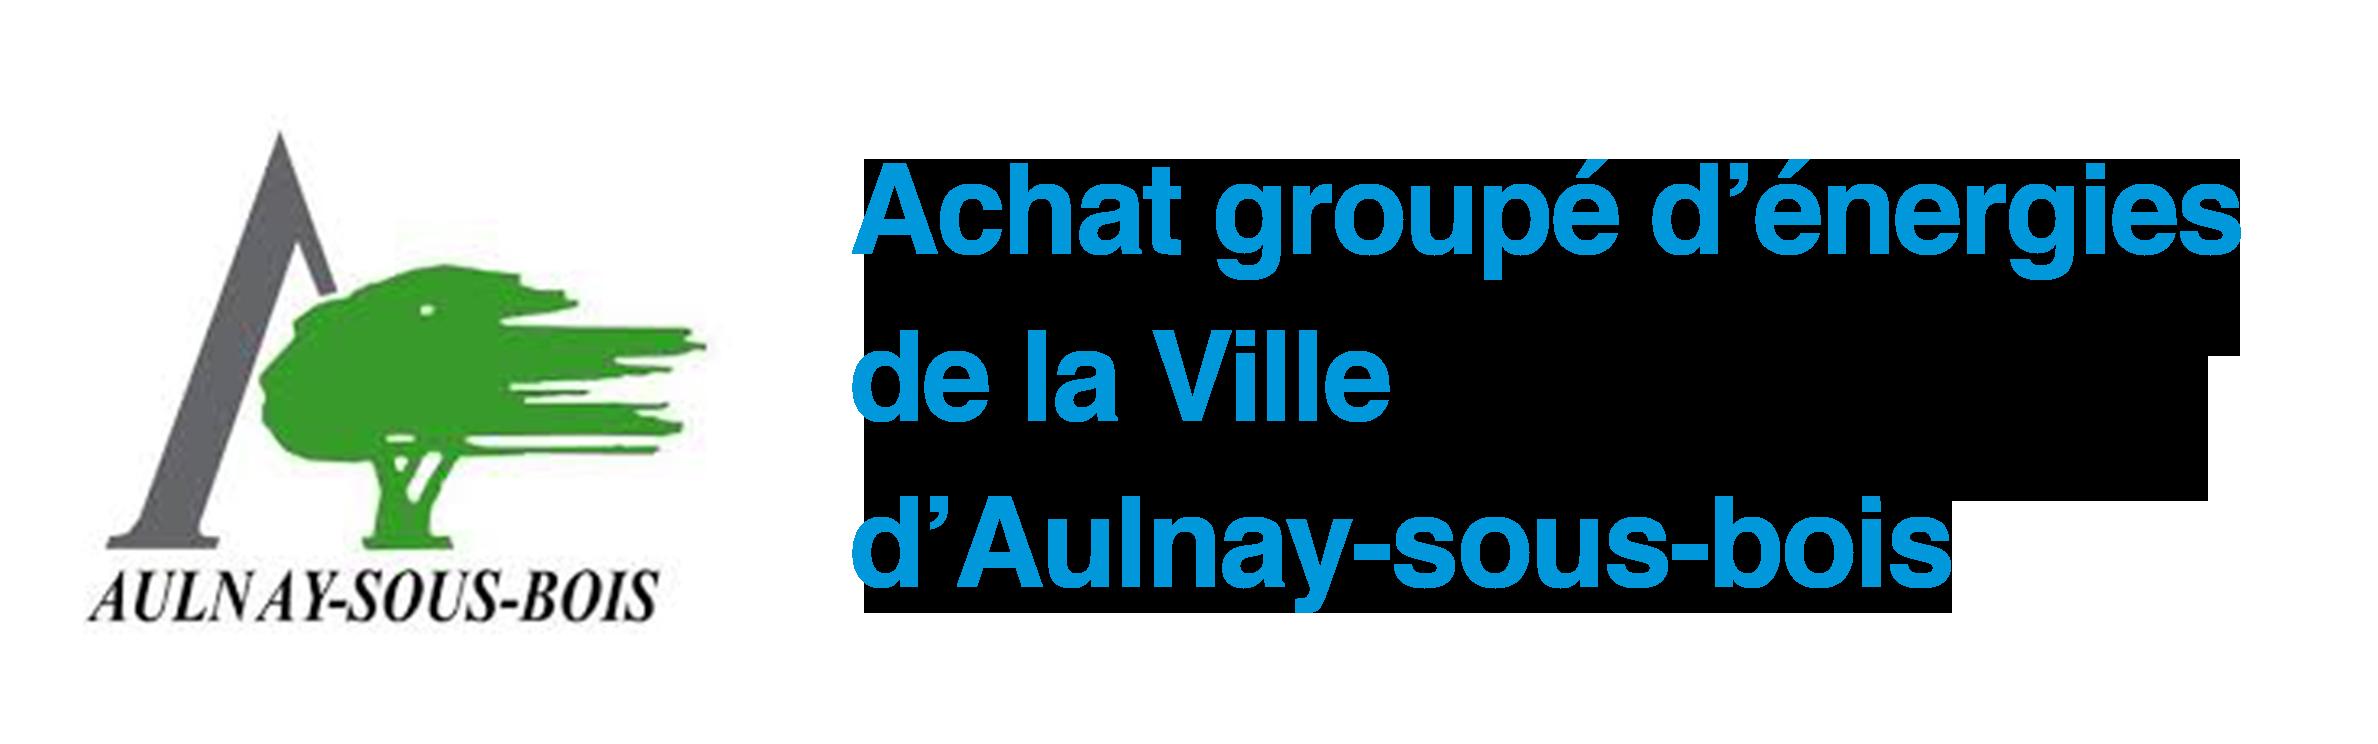 de la Ville dAulnaysousBois  Achat groupé de la Ville dAulnay ~ Plan De La Ville D Aulnay Sous Bois